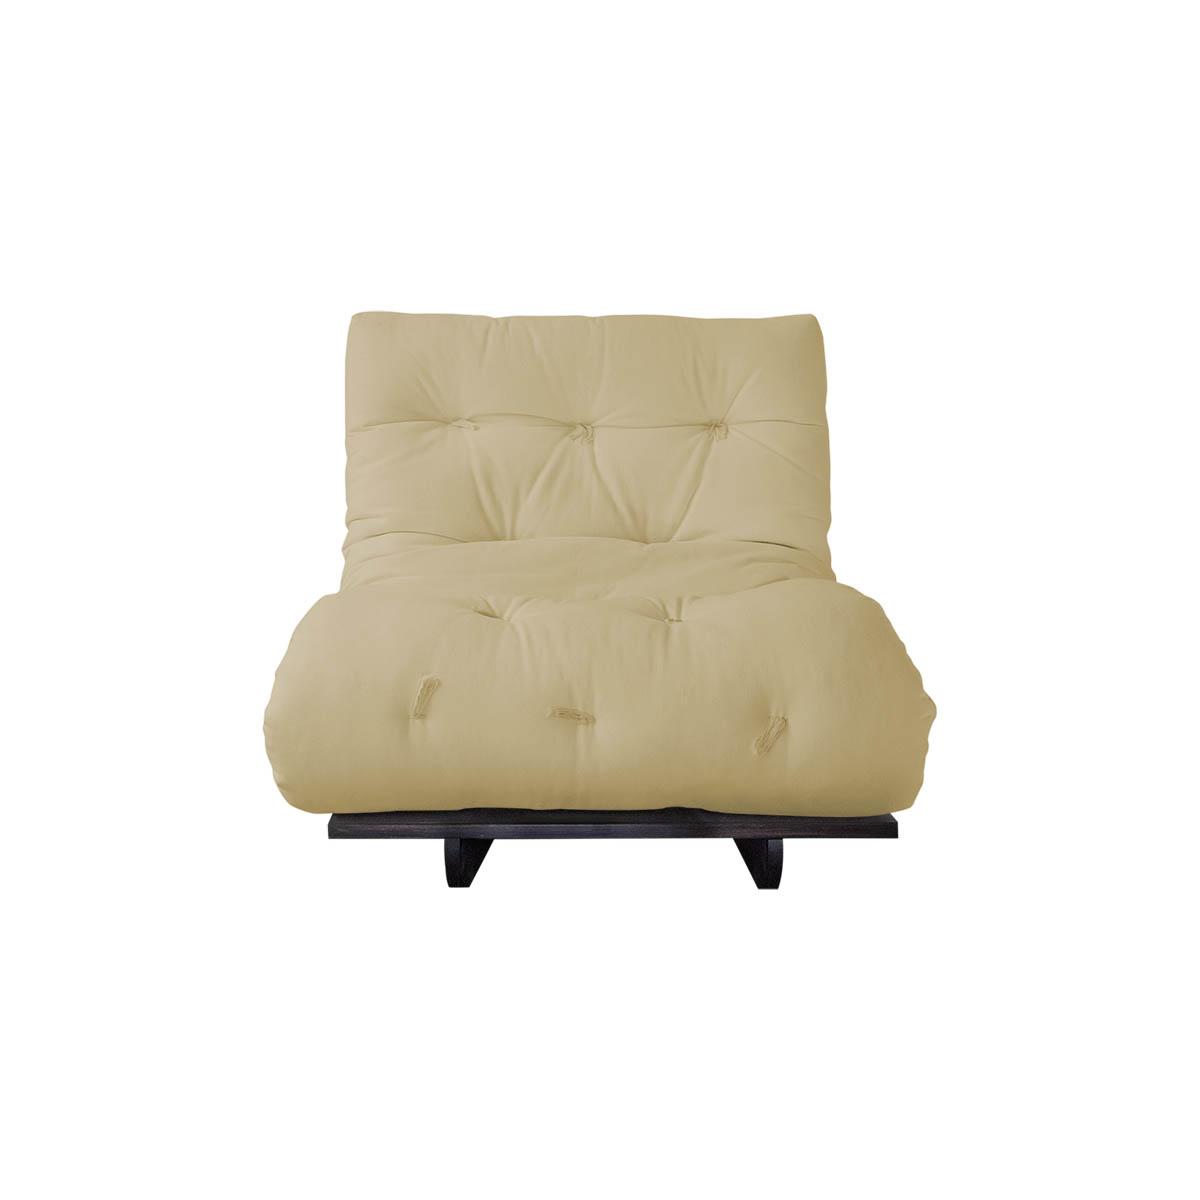 sofa cama sofa cama de madeira 13.jpg #827149 1200x1200